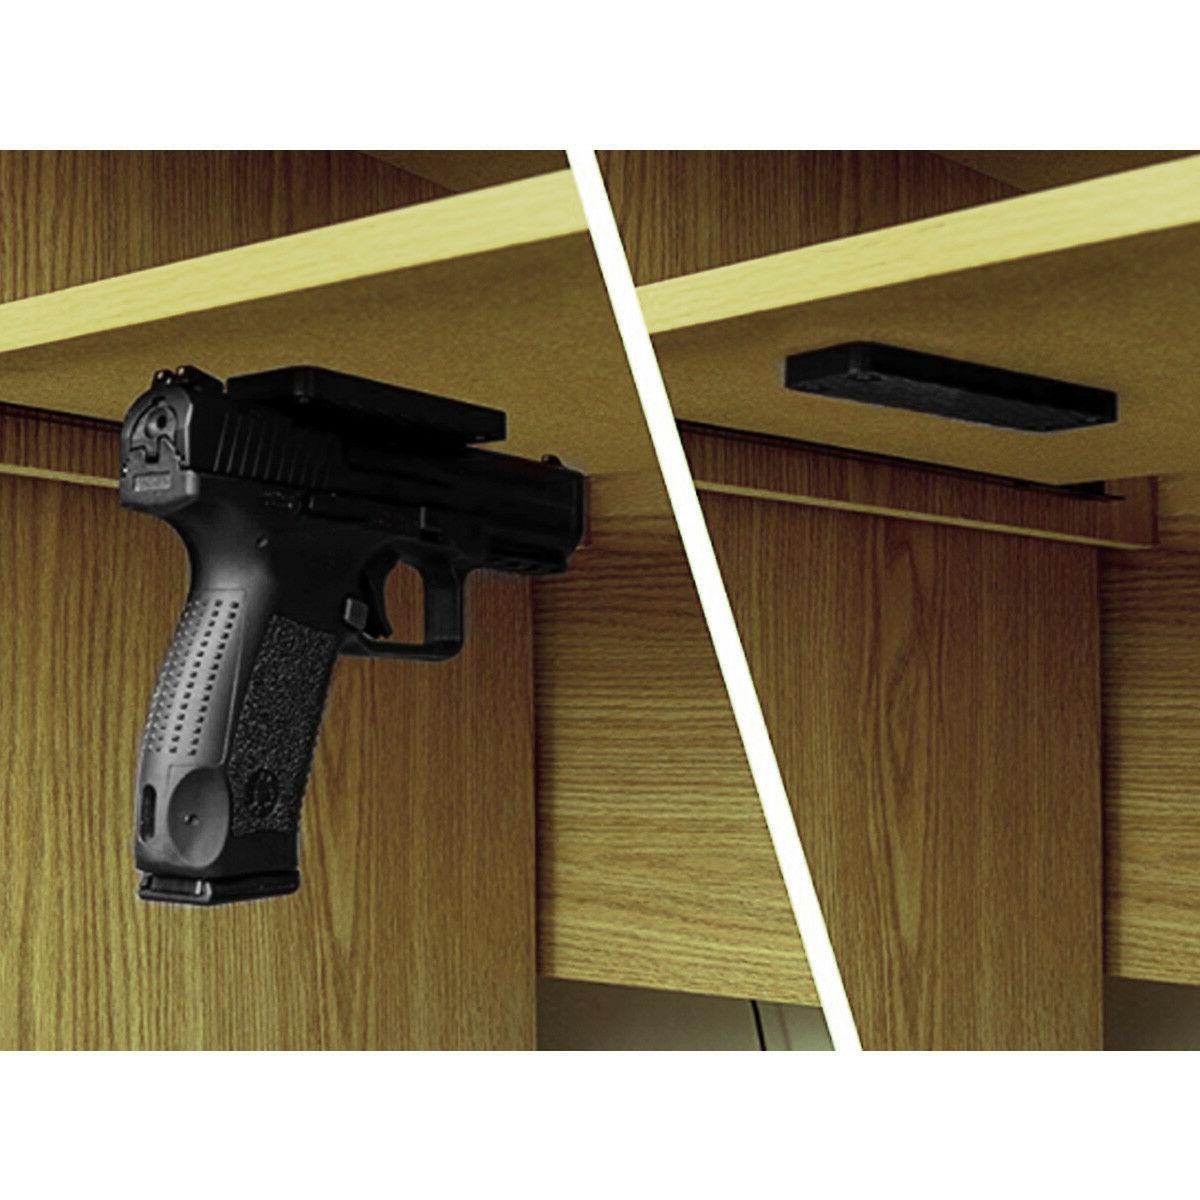 43 Pistol Desk